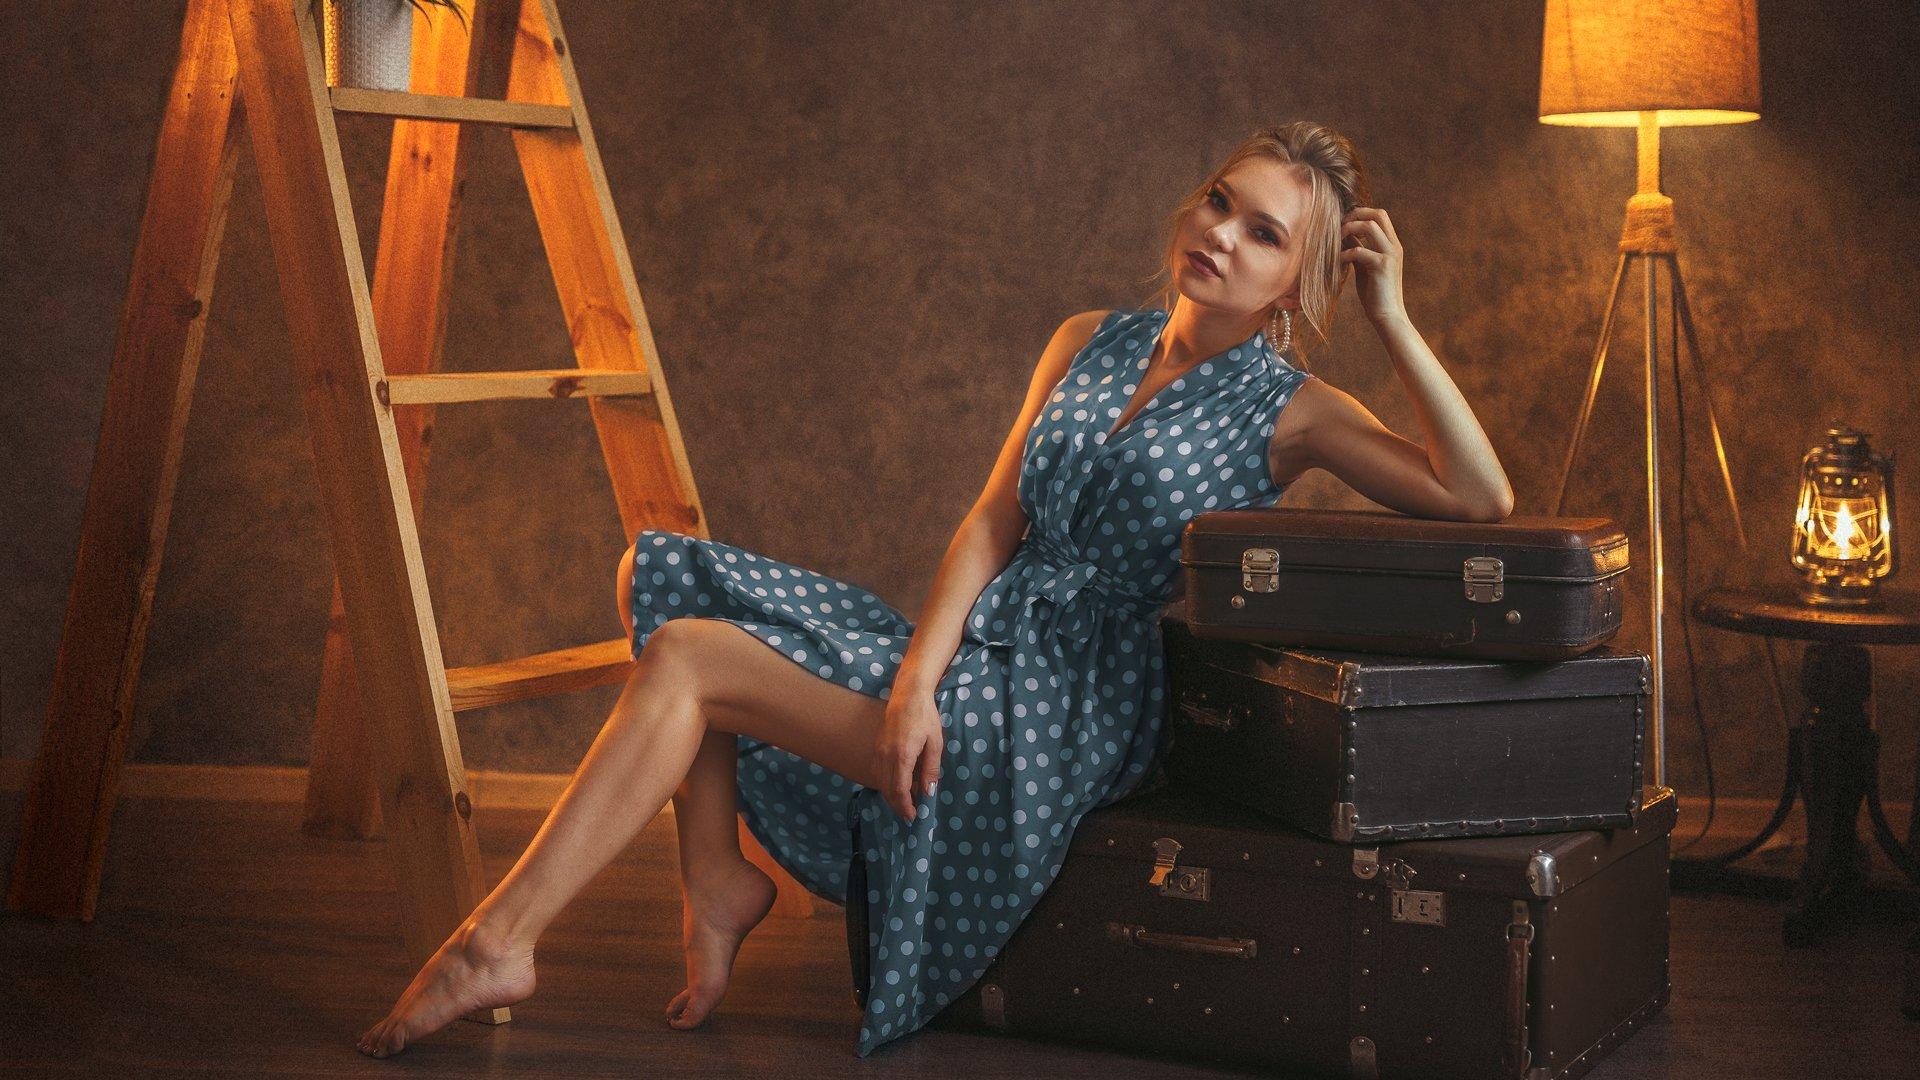 гламур, портрет, модель, арт, art, model, popular, Лосев Иван